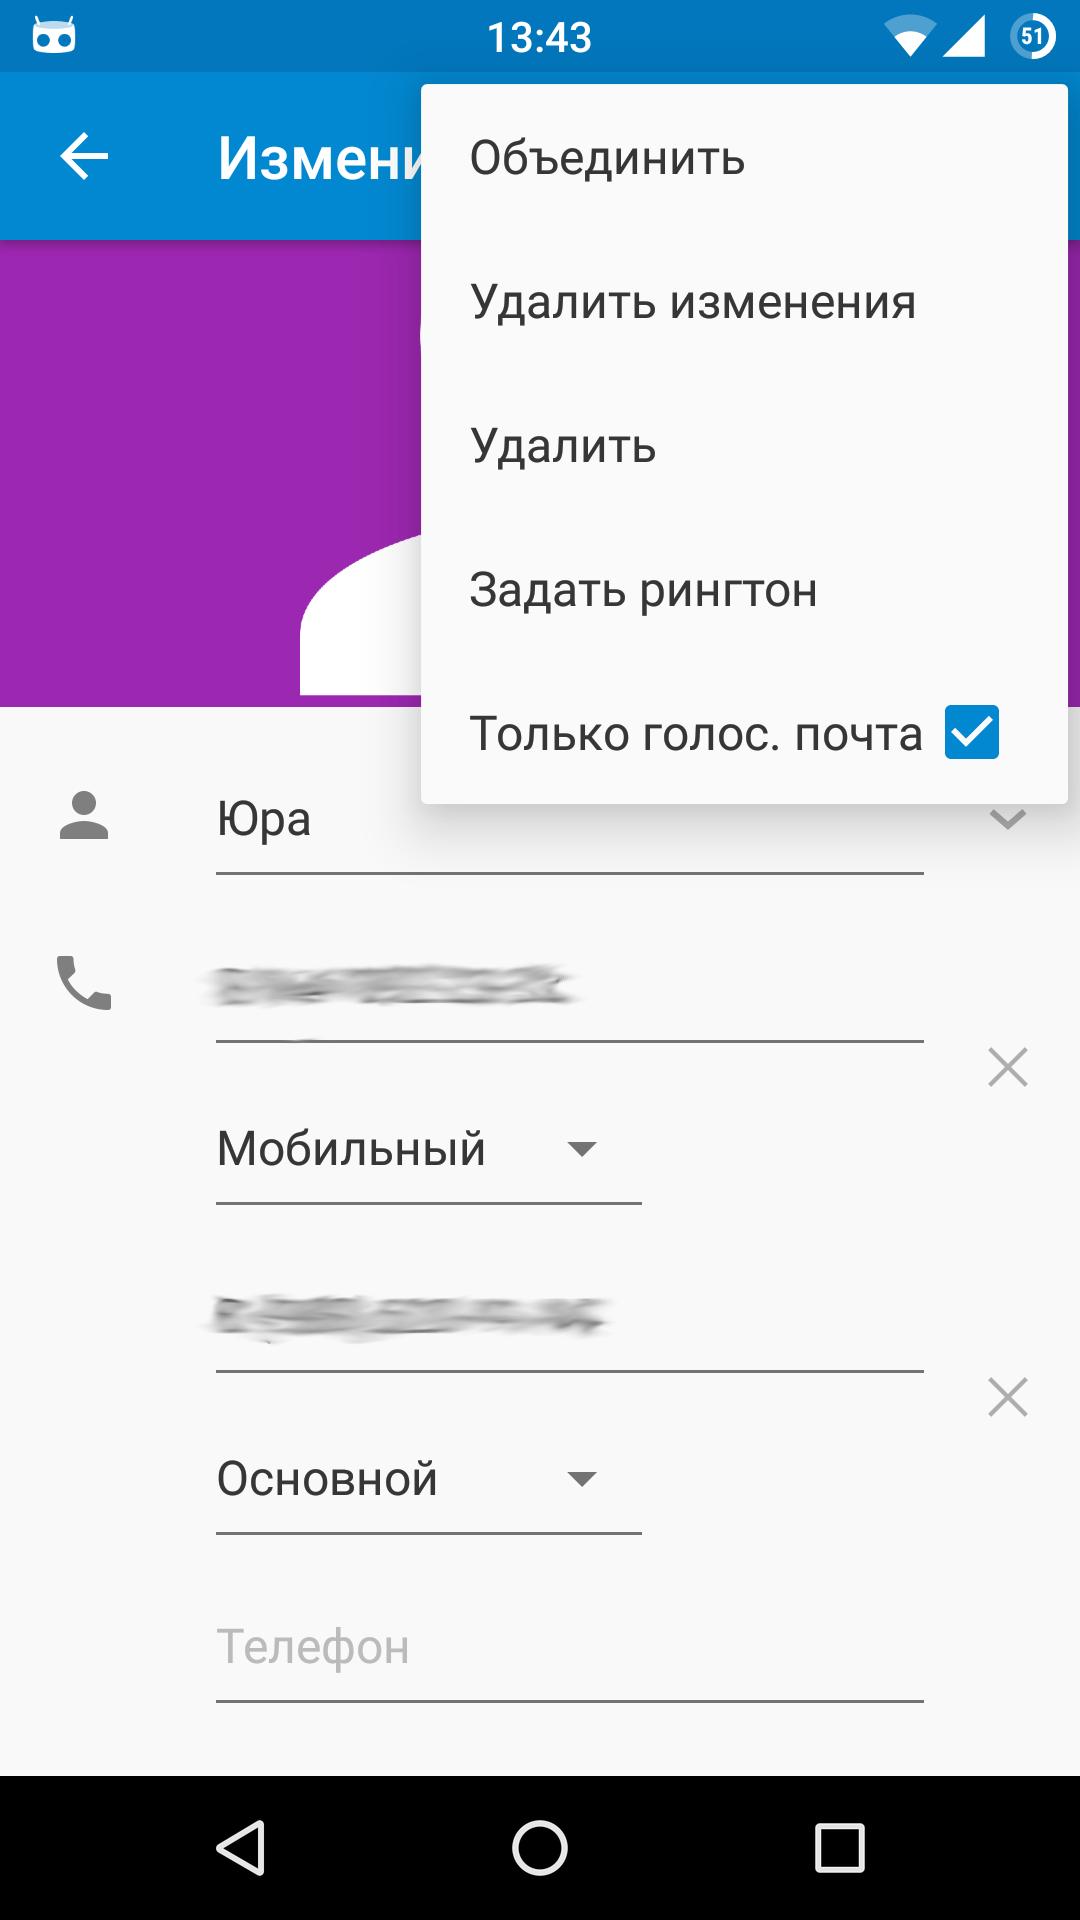 Отправляем контакт в черный список